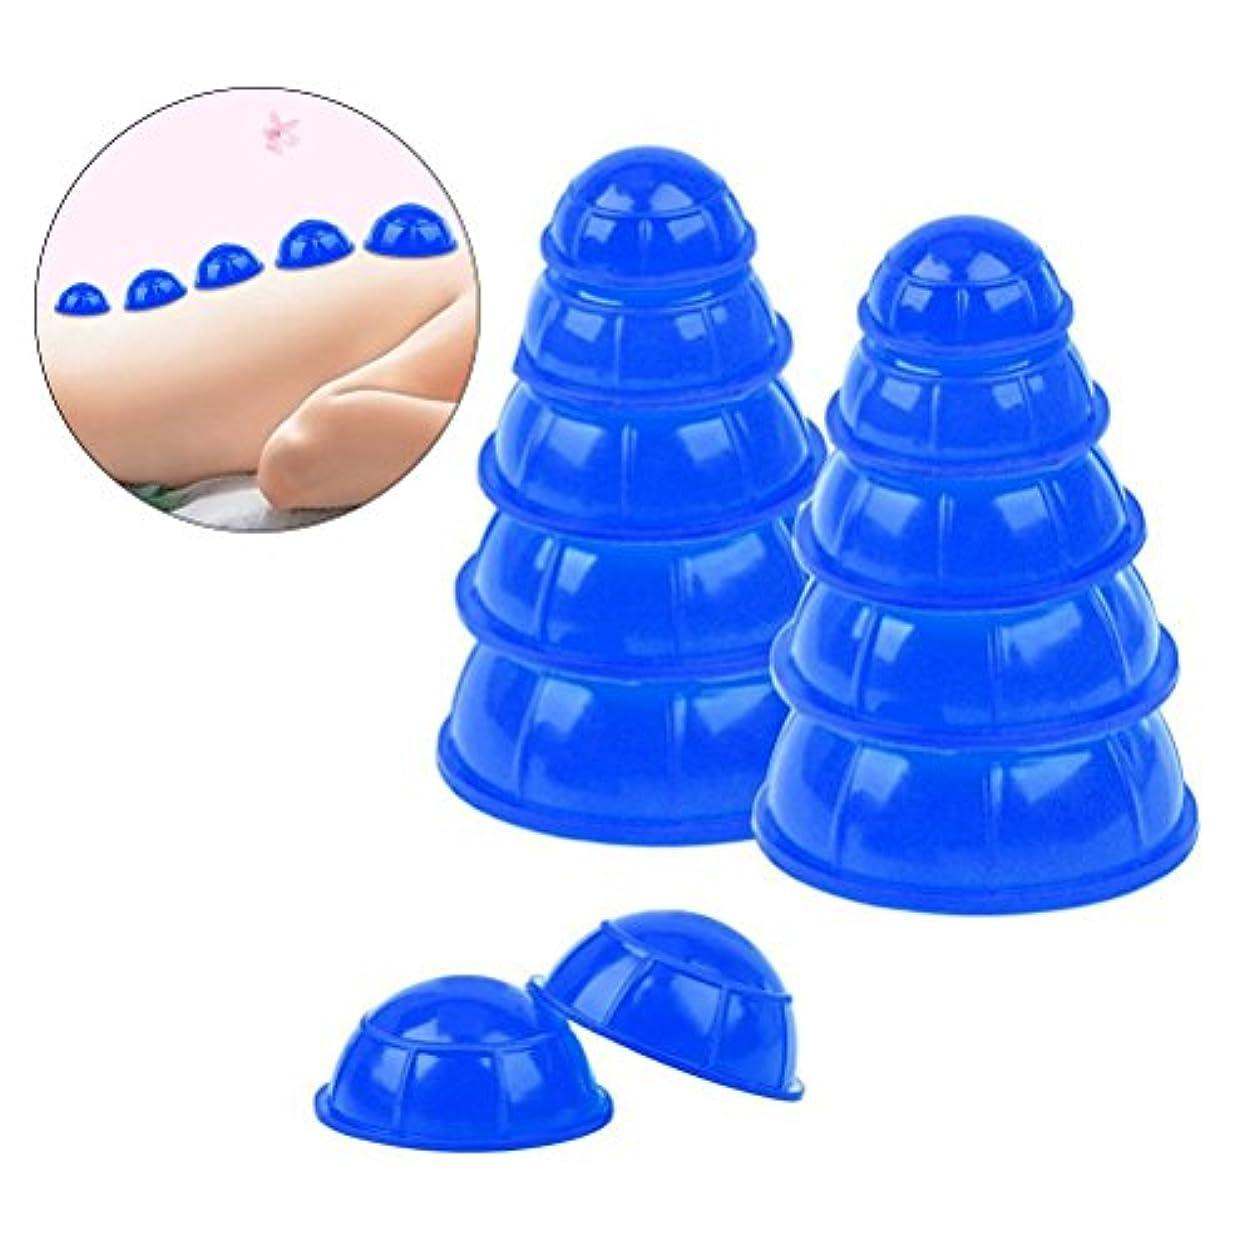 クライストチャーチ抵抗力がある原稿ROSENICE カッピングカップシリコンメディカルバキュームカッピングマッサージツールボディフェイシャルセラピーセット12pcs(ブルー)